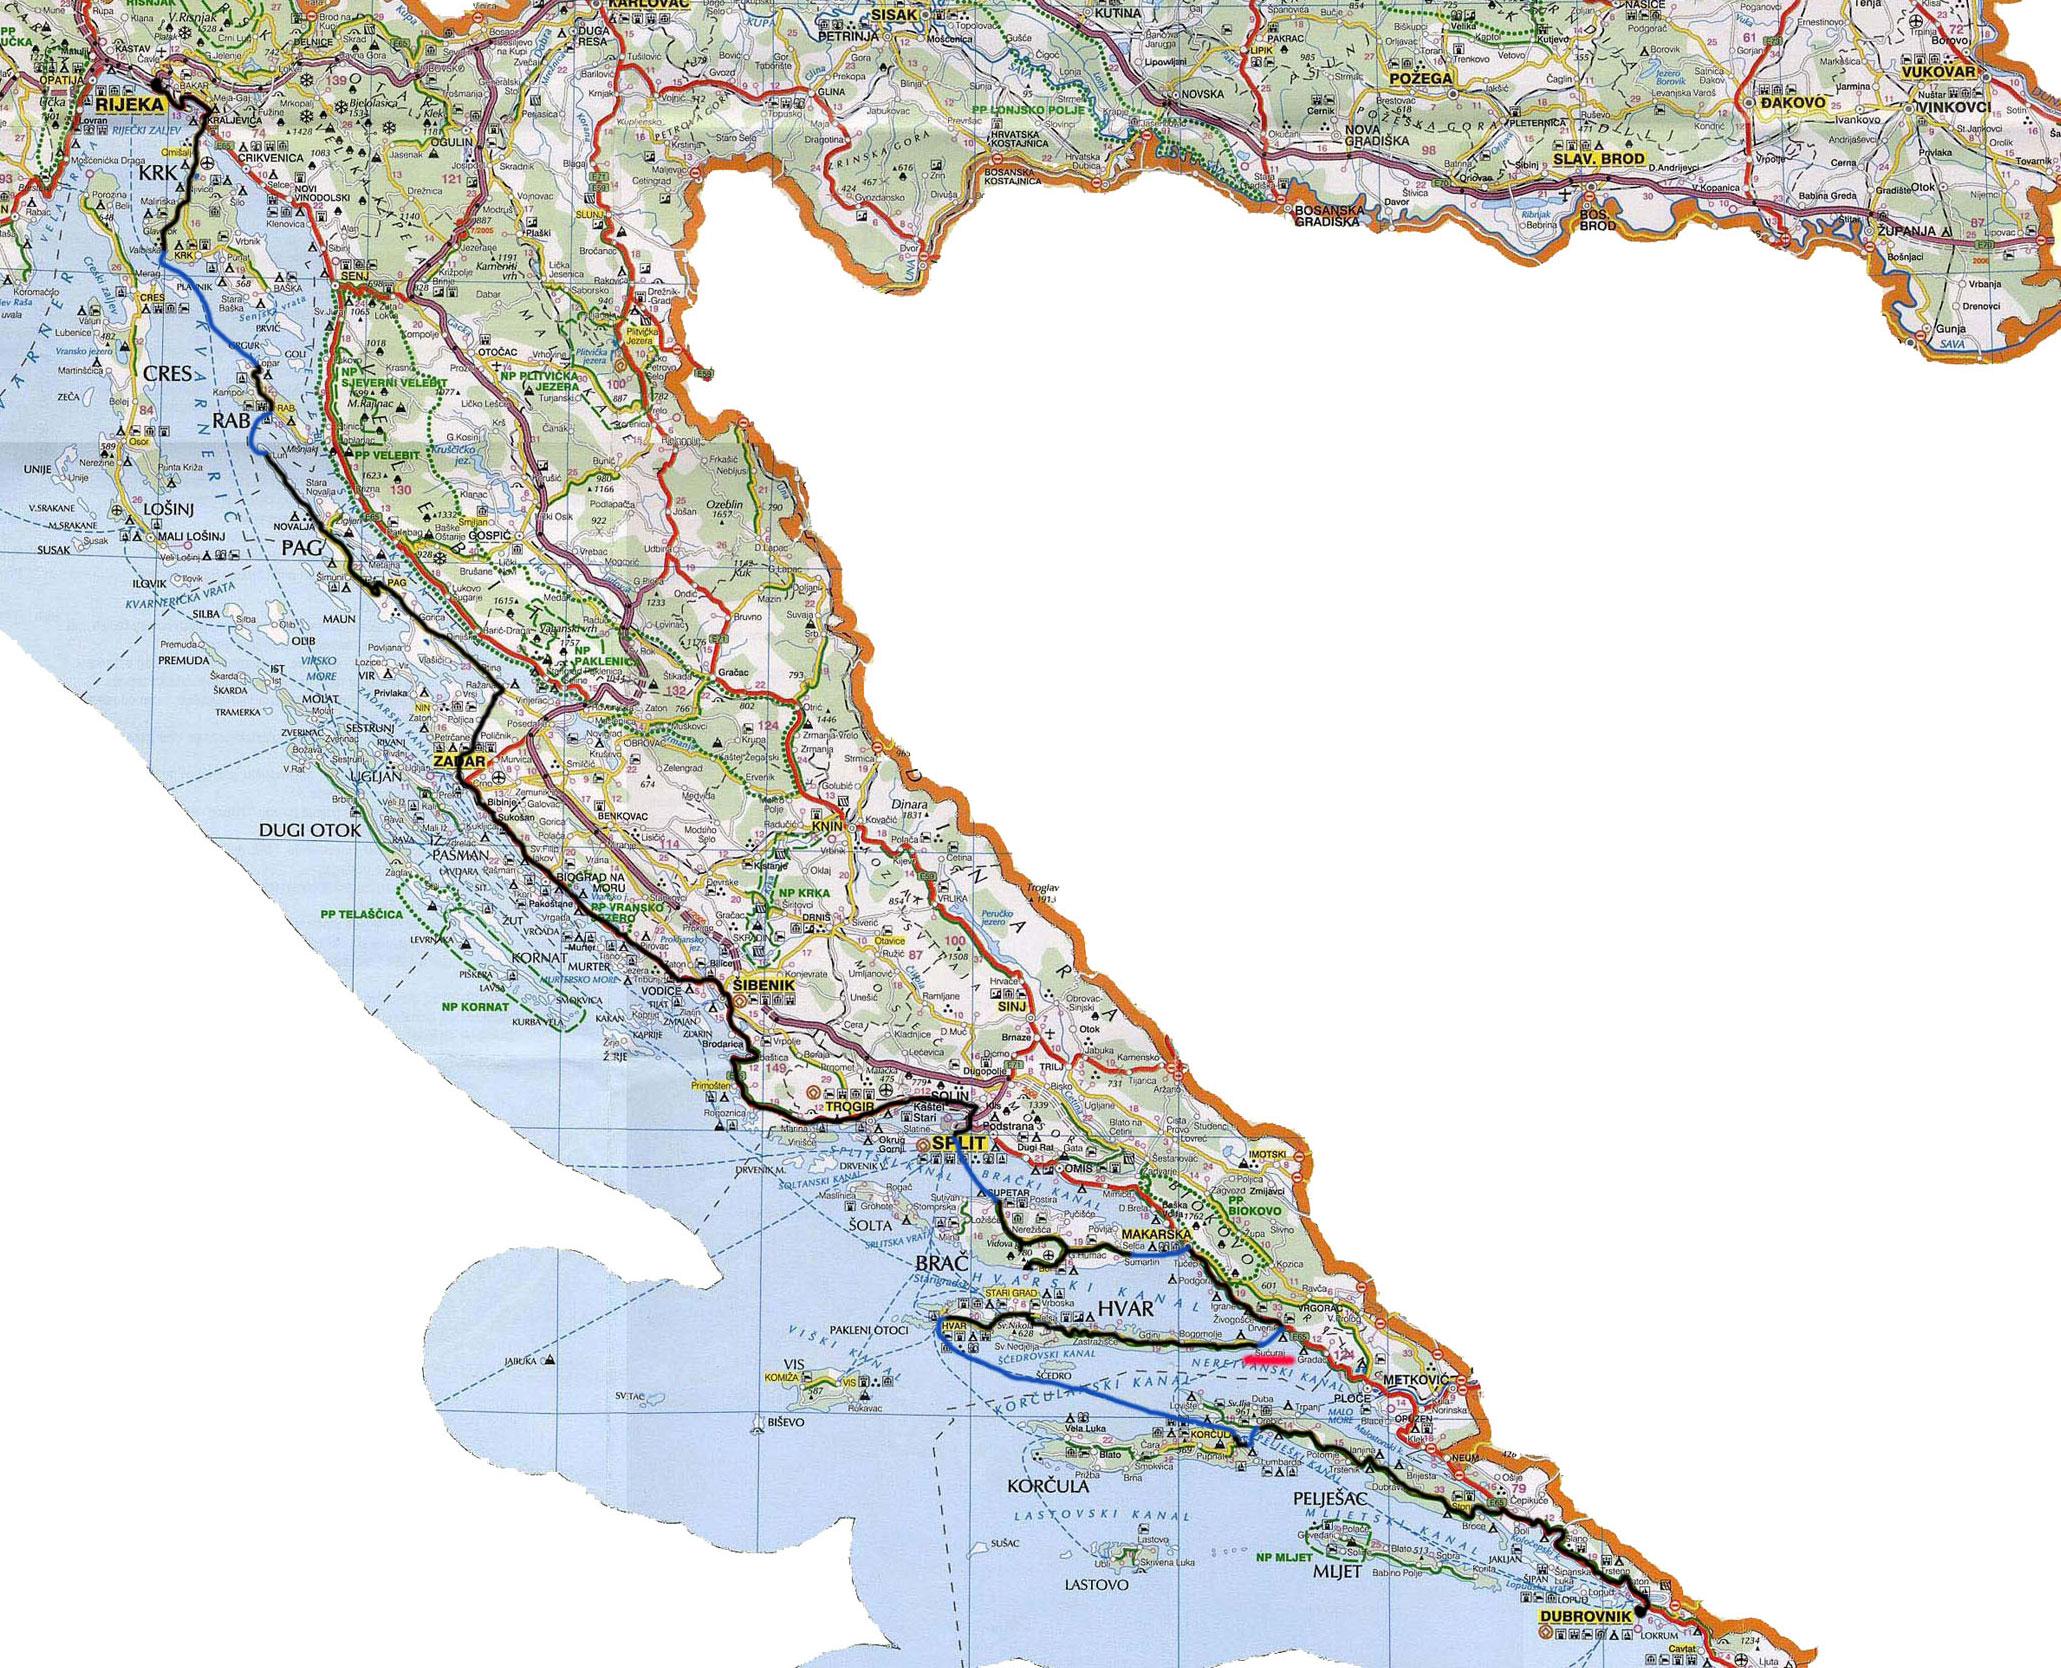 zemljevid kolesarjenja po jadranu